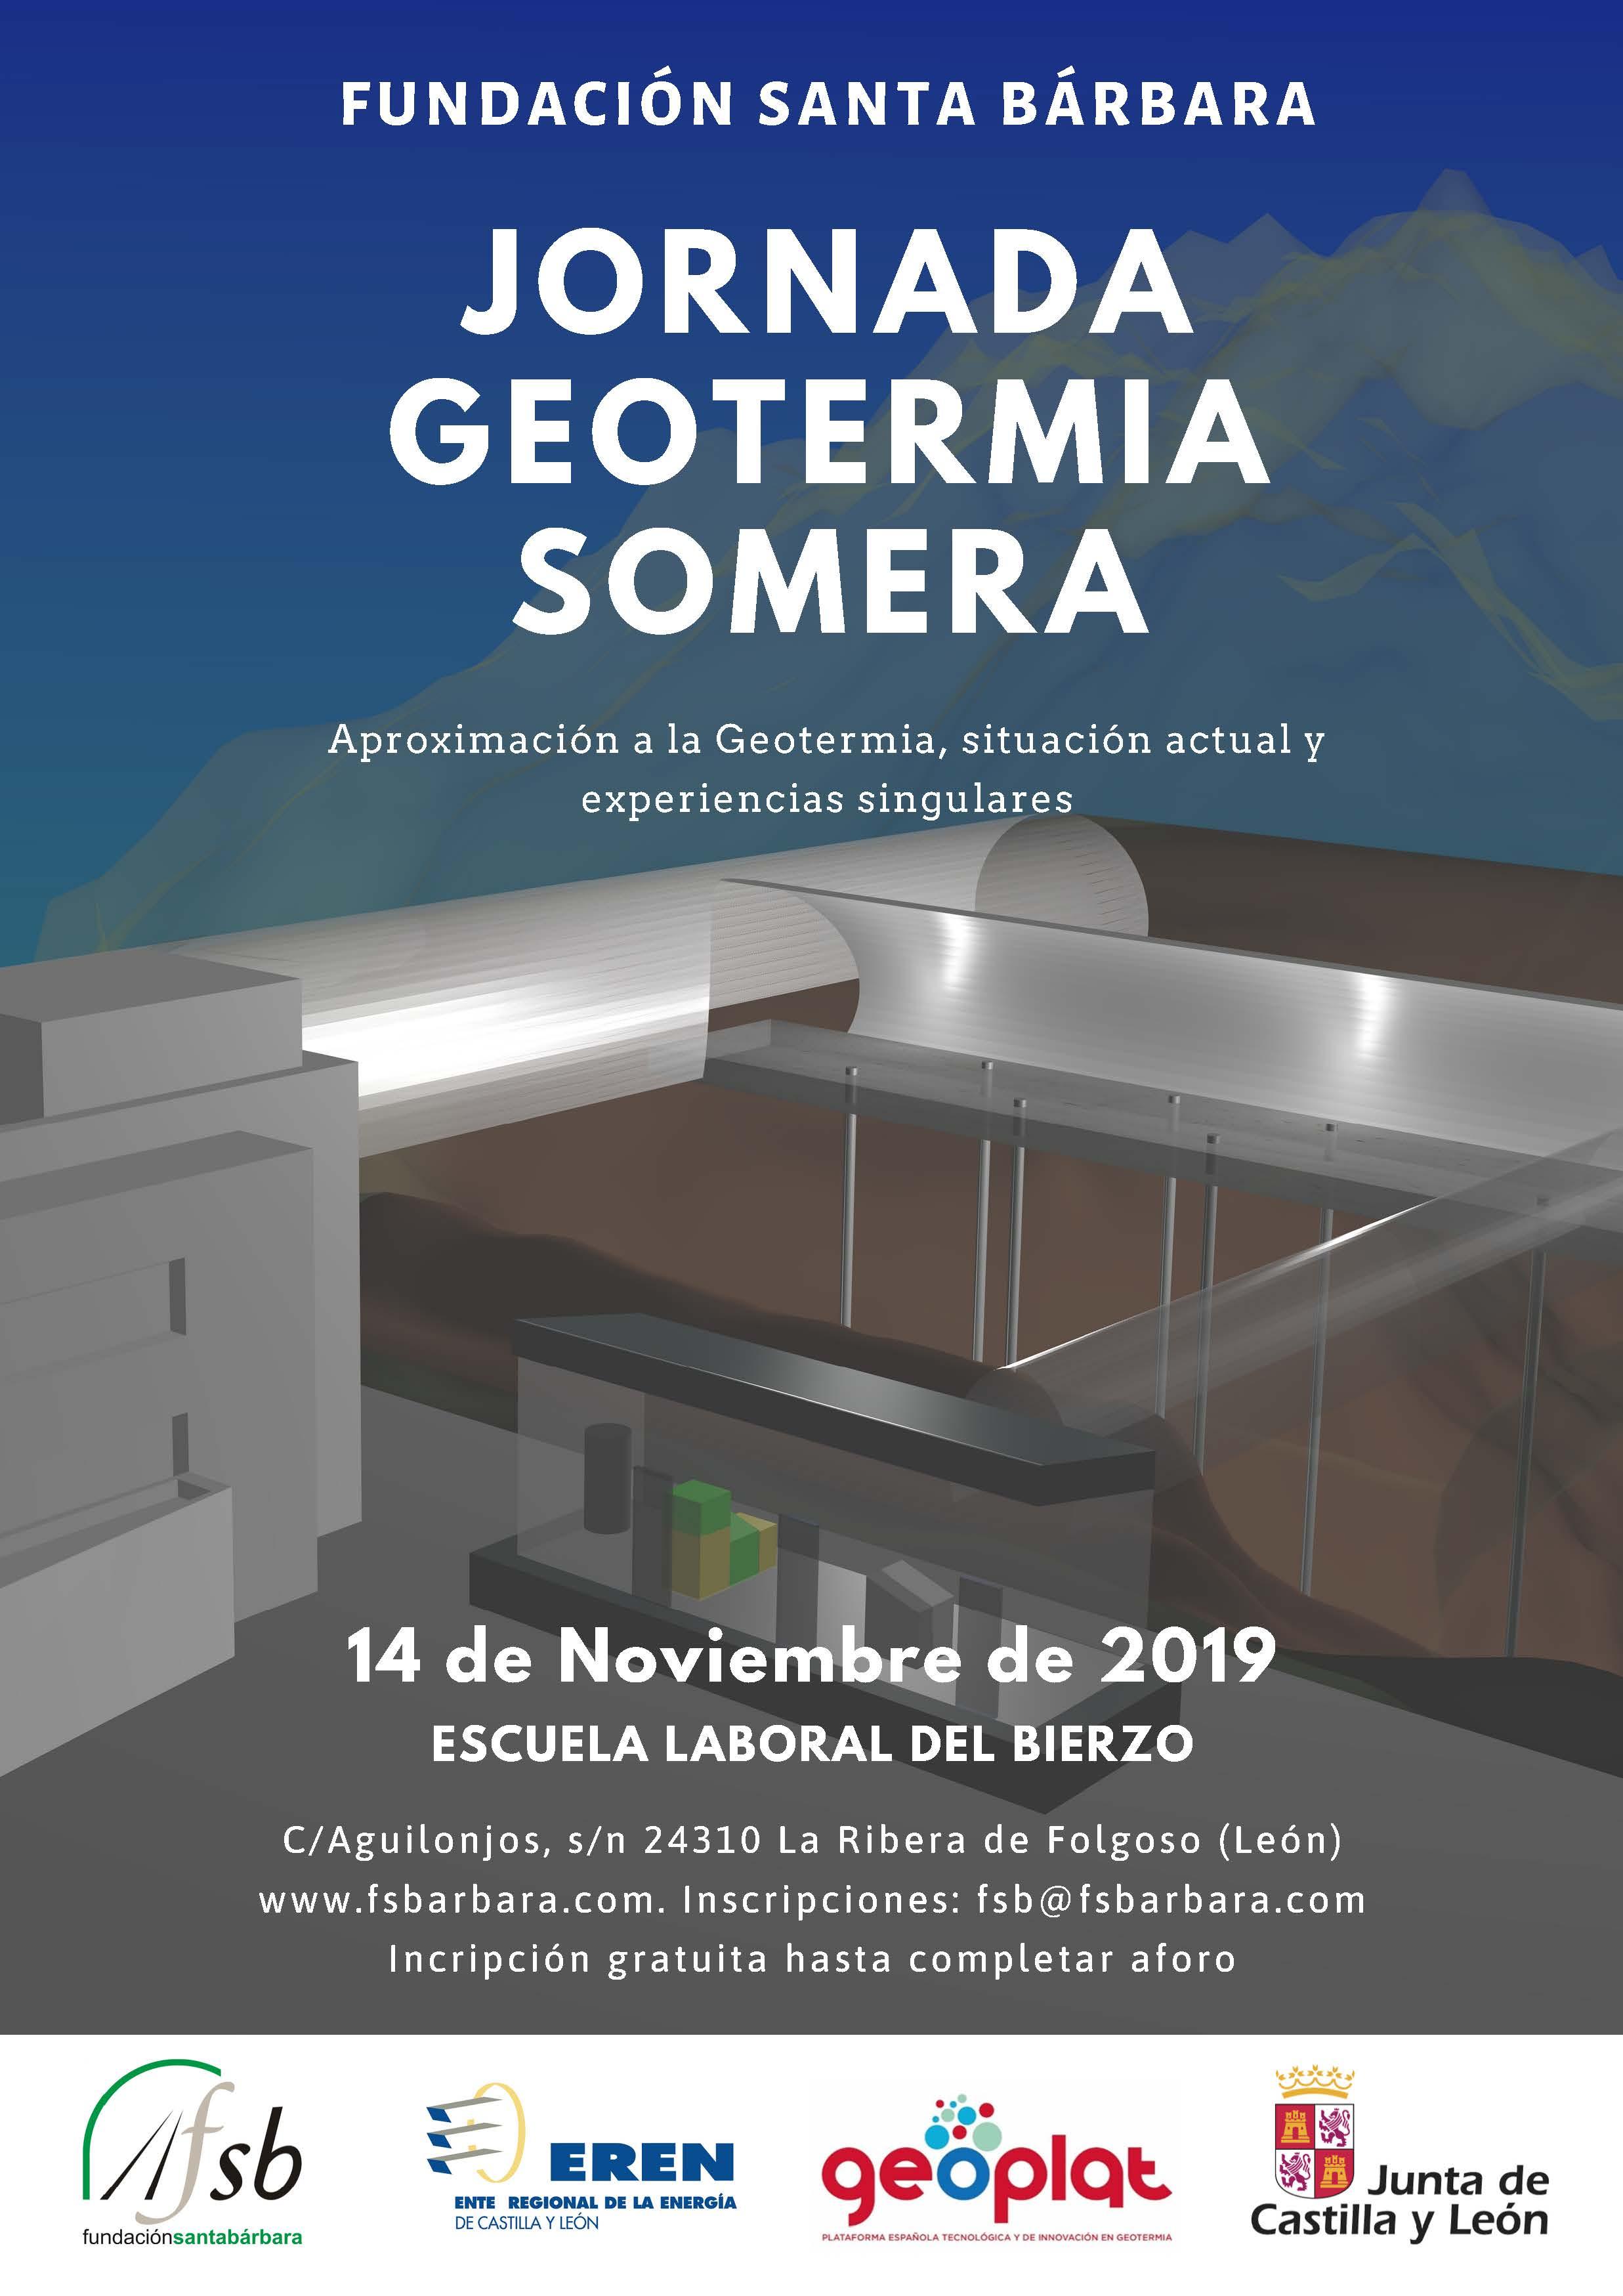 (Español) GEOPLAT participa el 14 de noviembre en la 'Jornada sobre Geotermia Somera' organizada por la Fundación Santa Bárbara